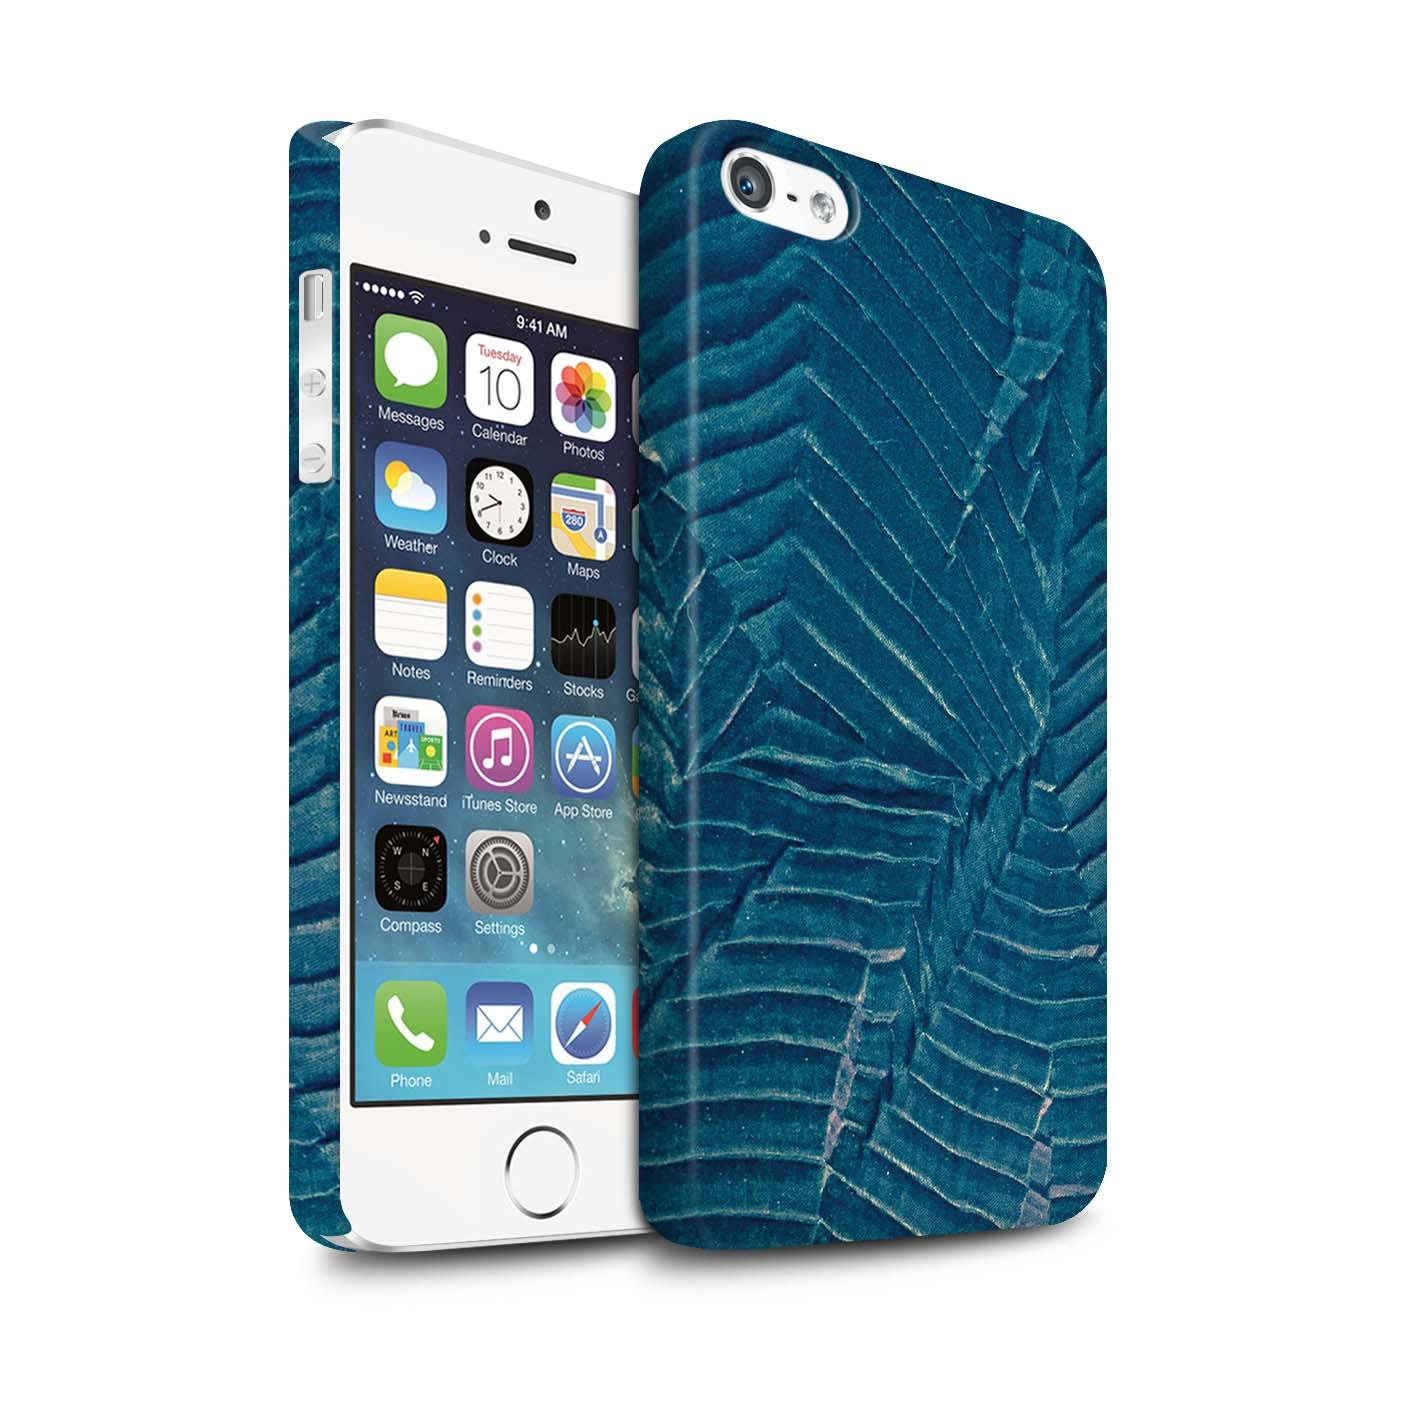 Coque-Etui-Matte-de-STUFF4-pour-Apple-iPhone-SE-Mode-Sarcelle